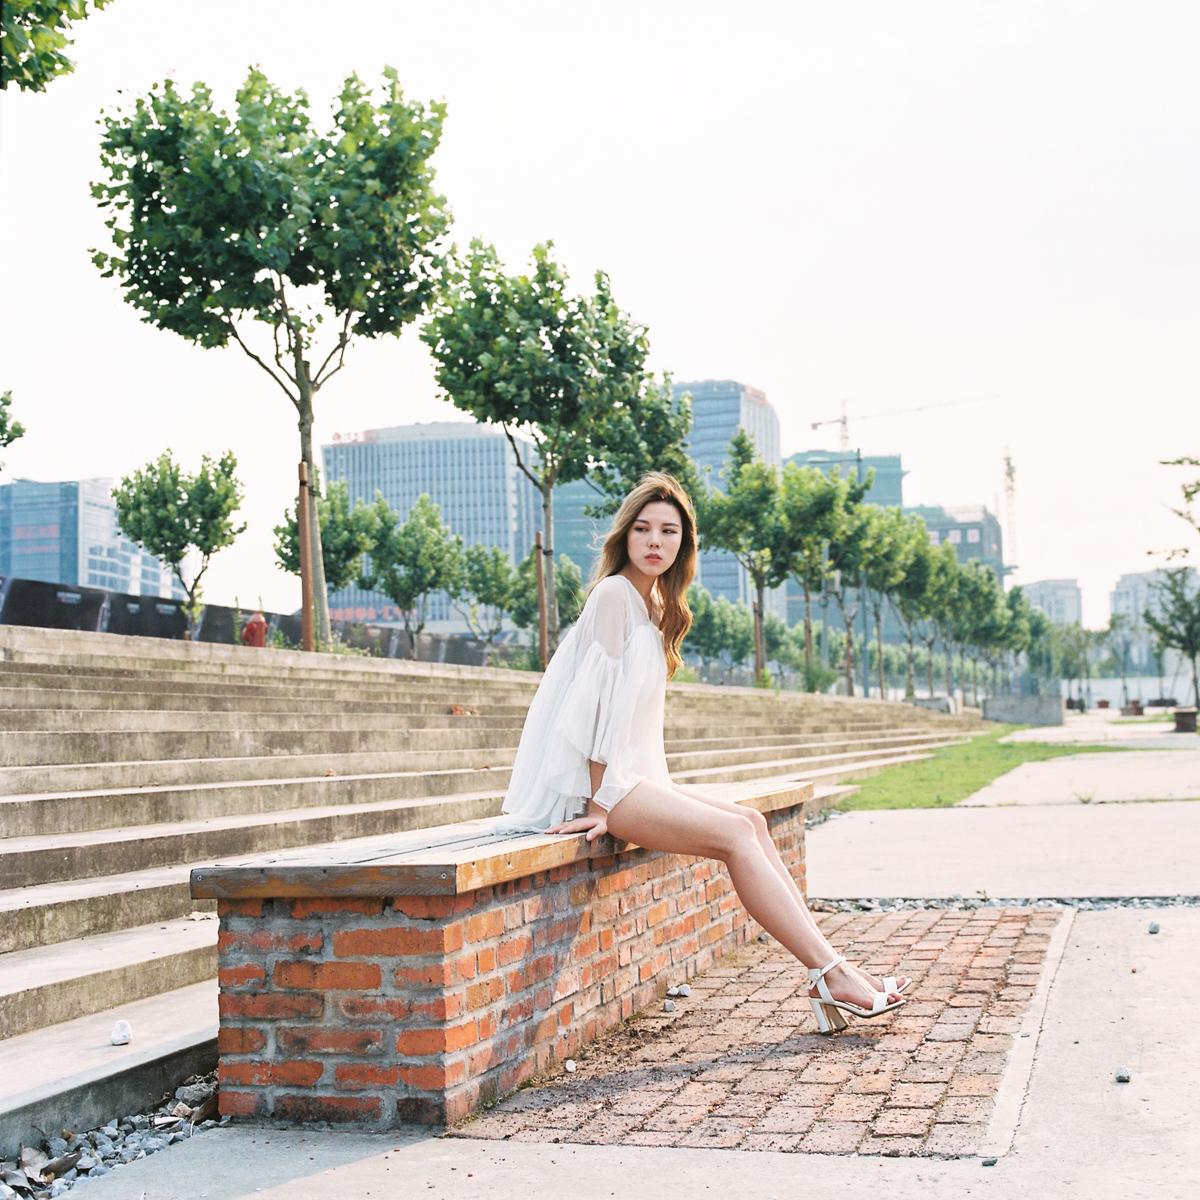 Sprazzi_Professional_Portrait_Photo_Shanghai_Susi_Original_6.jpg